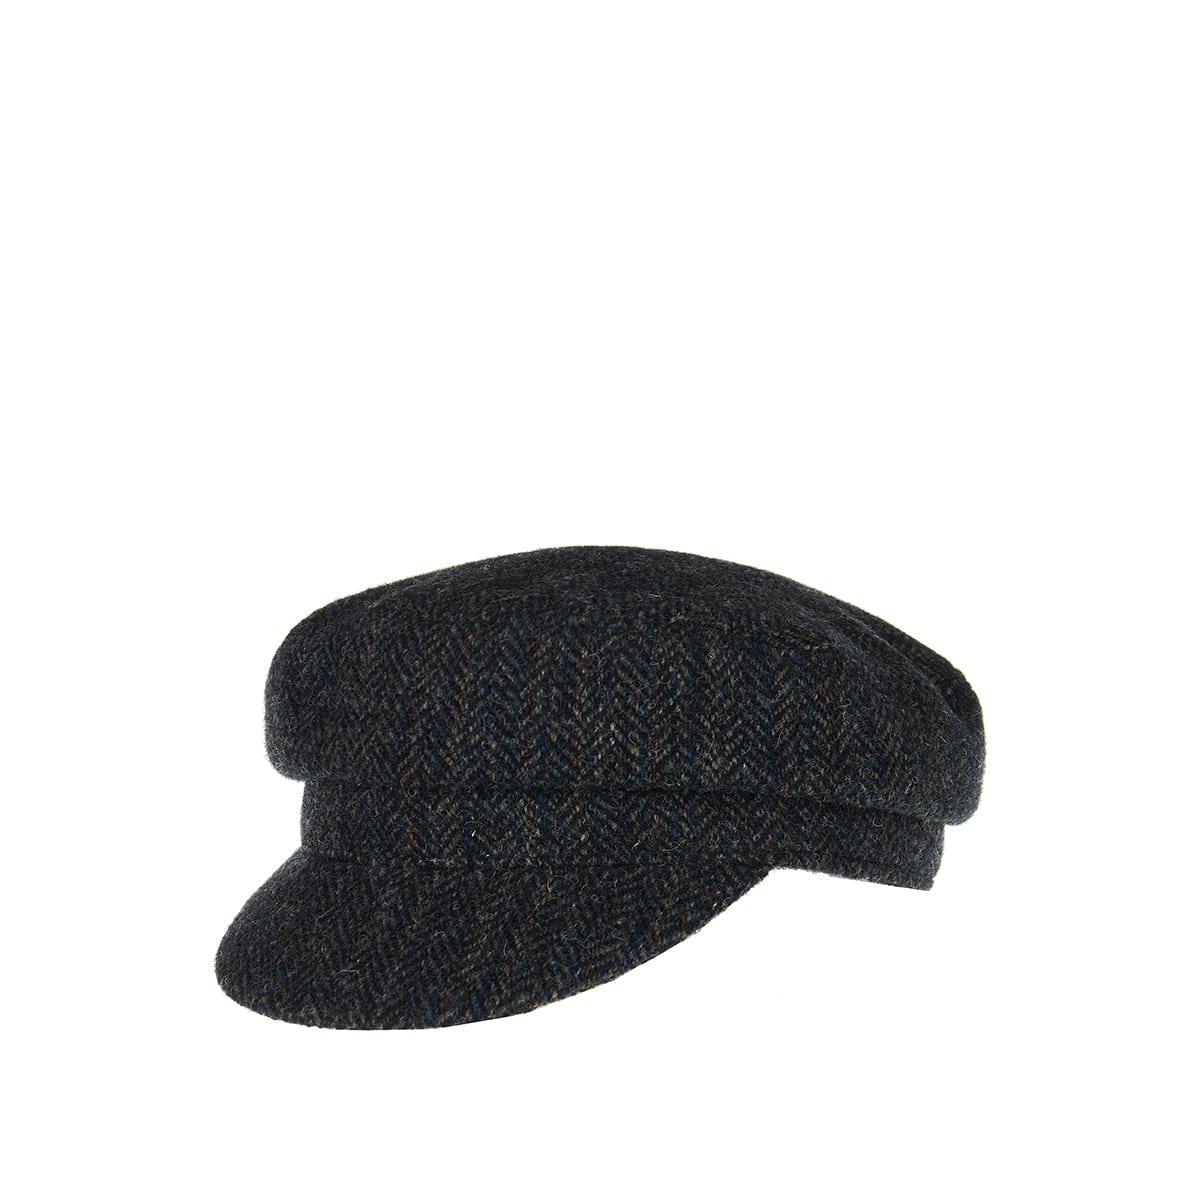 Evie herringbone wool cap